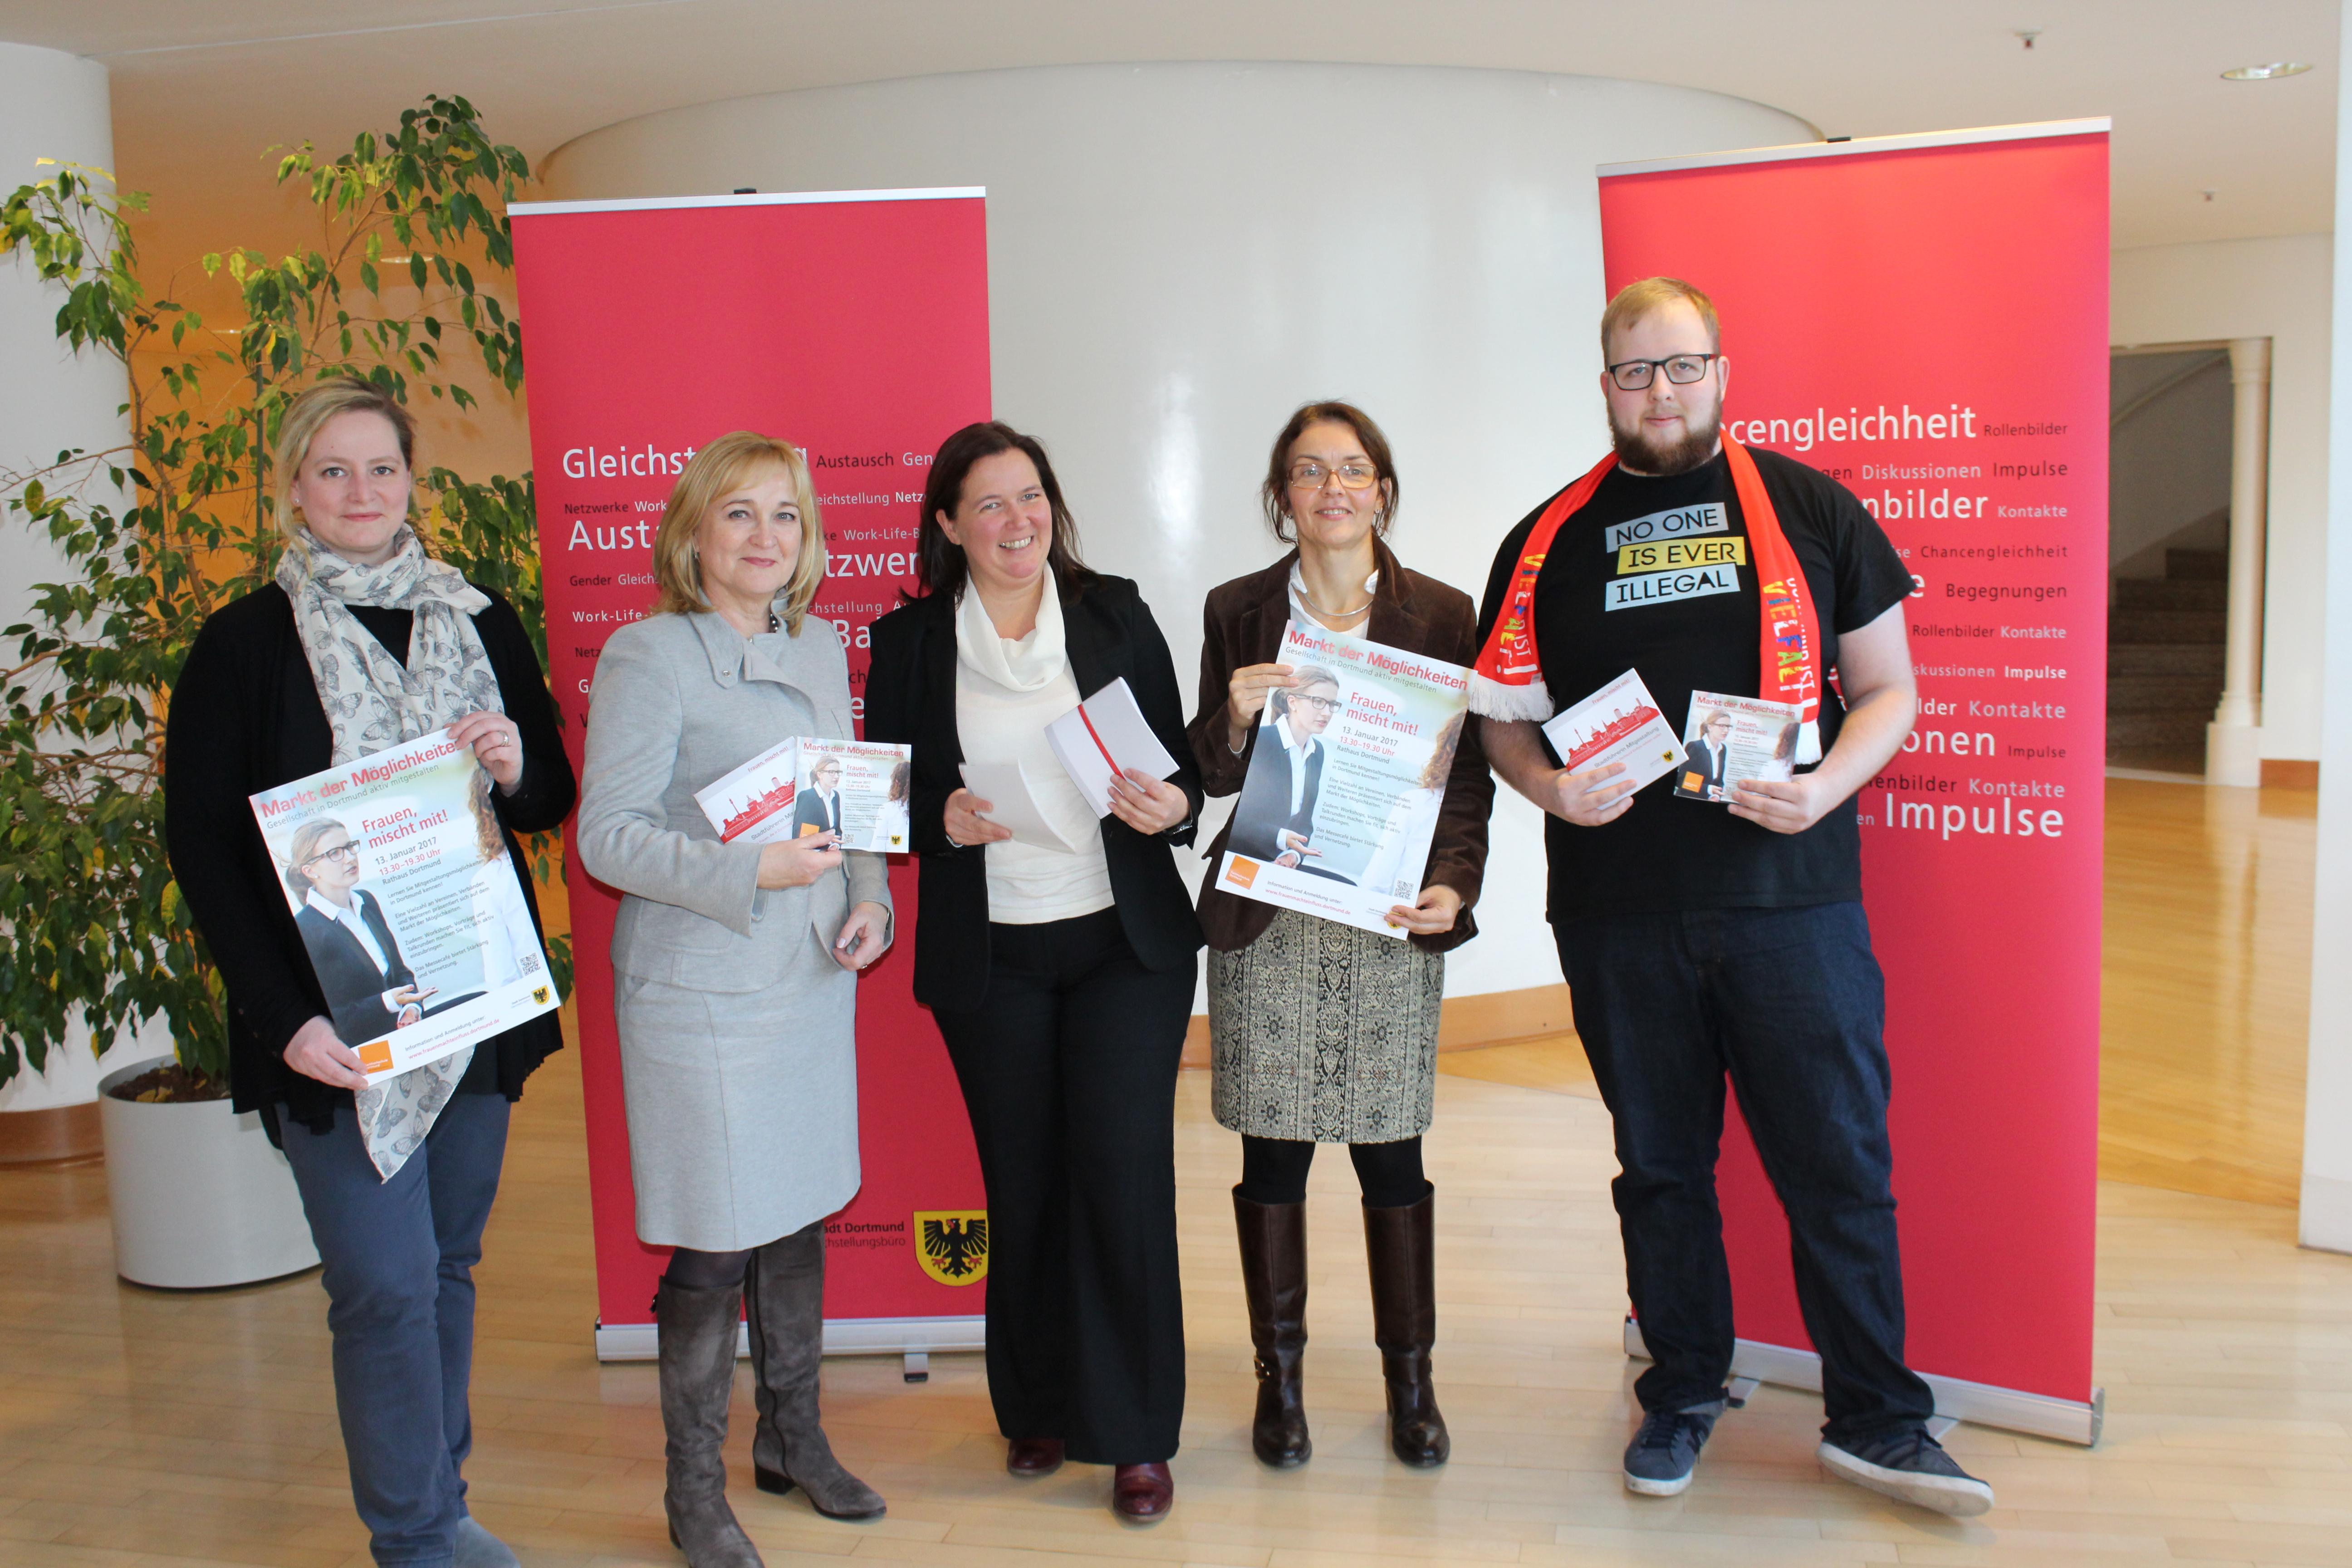 """Die Gleichstellungsstelle und die Fachhochschule Dortmund laden ein zum """"Markt der Möglichkeiten"""" am 13. Januar 2017 im Rathaus Dortmund"""